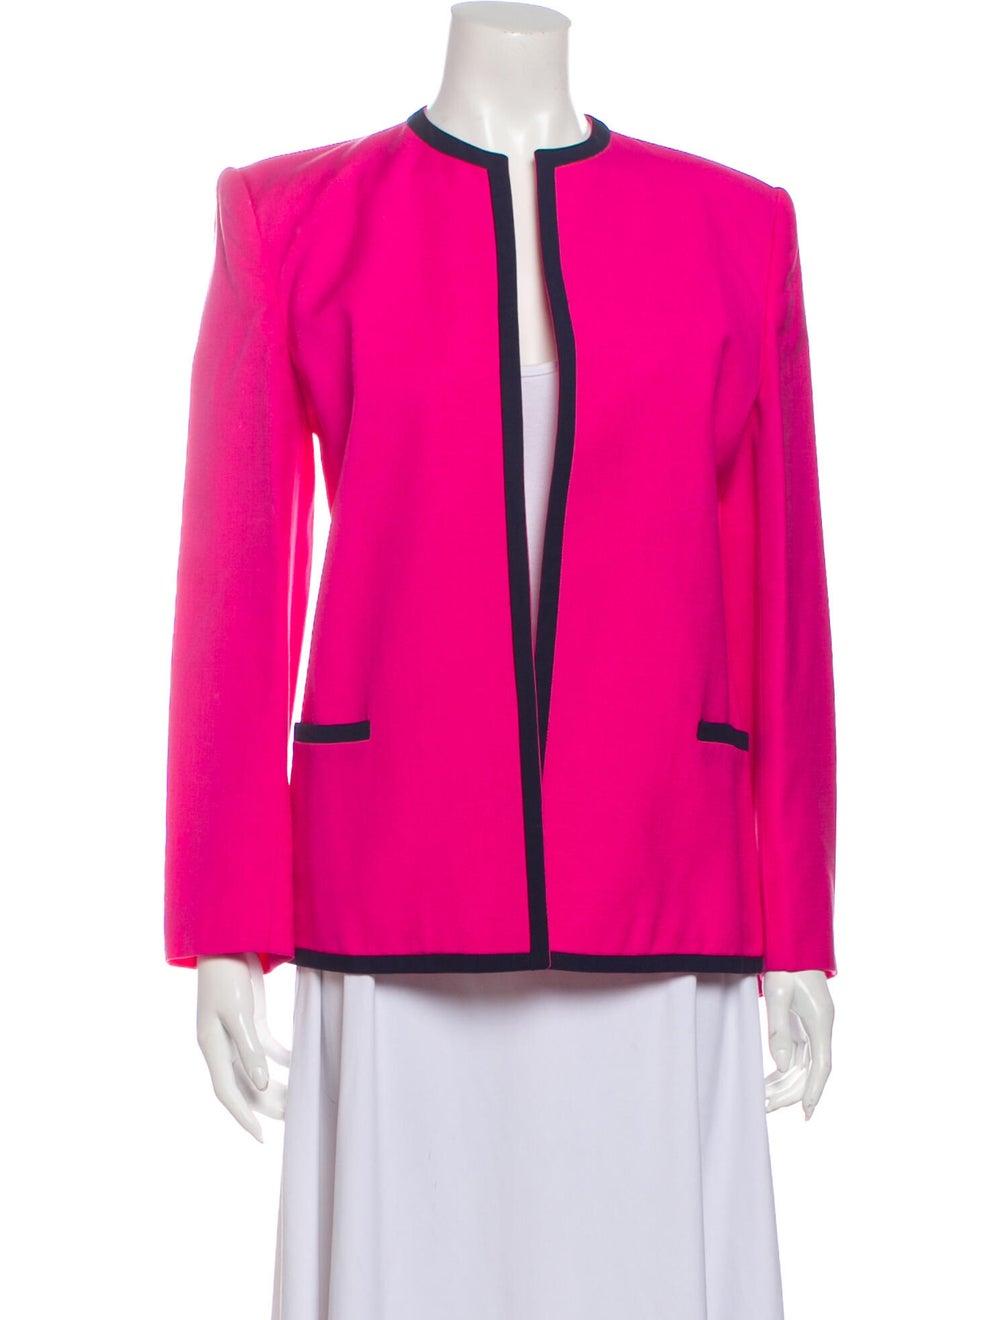 Christian Dior Vintage Blazer Pink - image 1